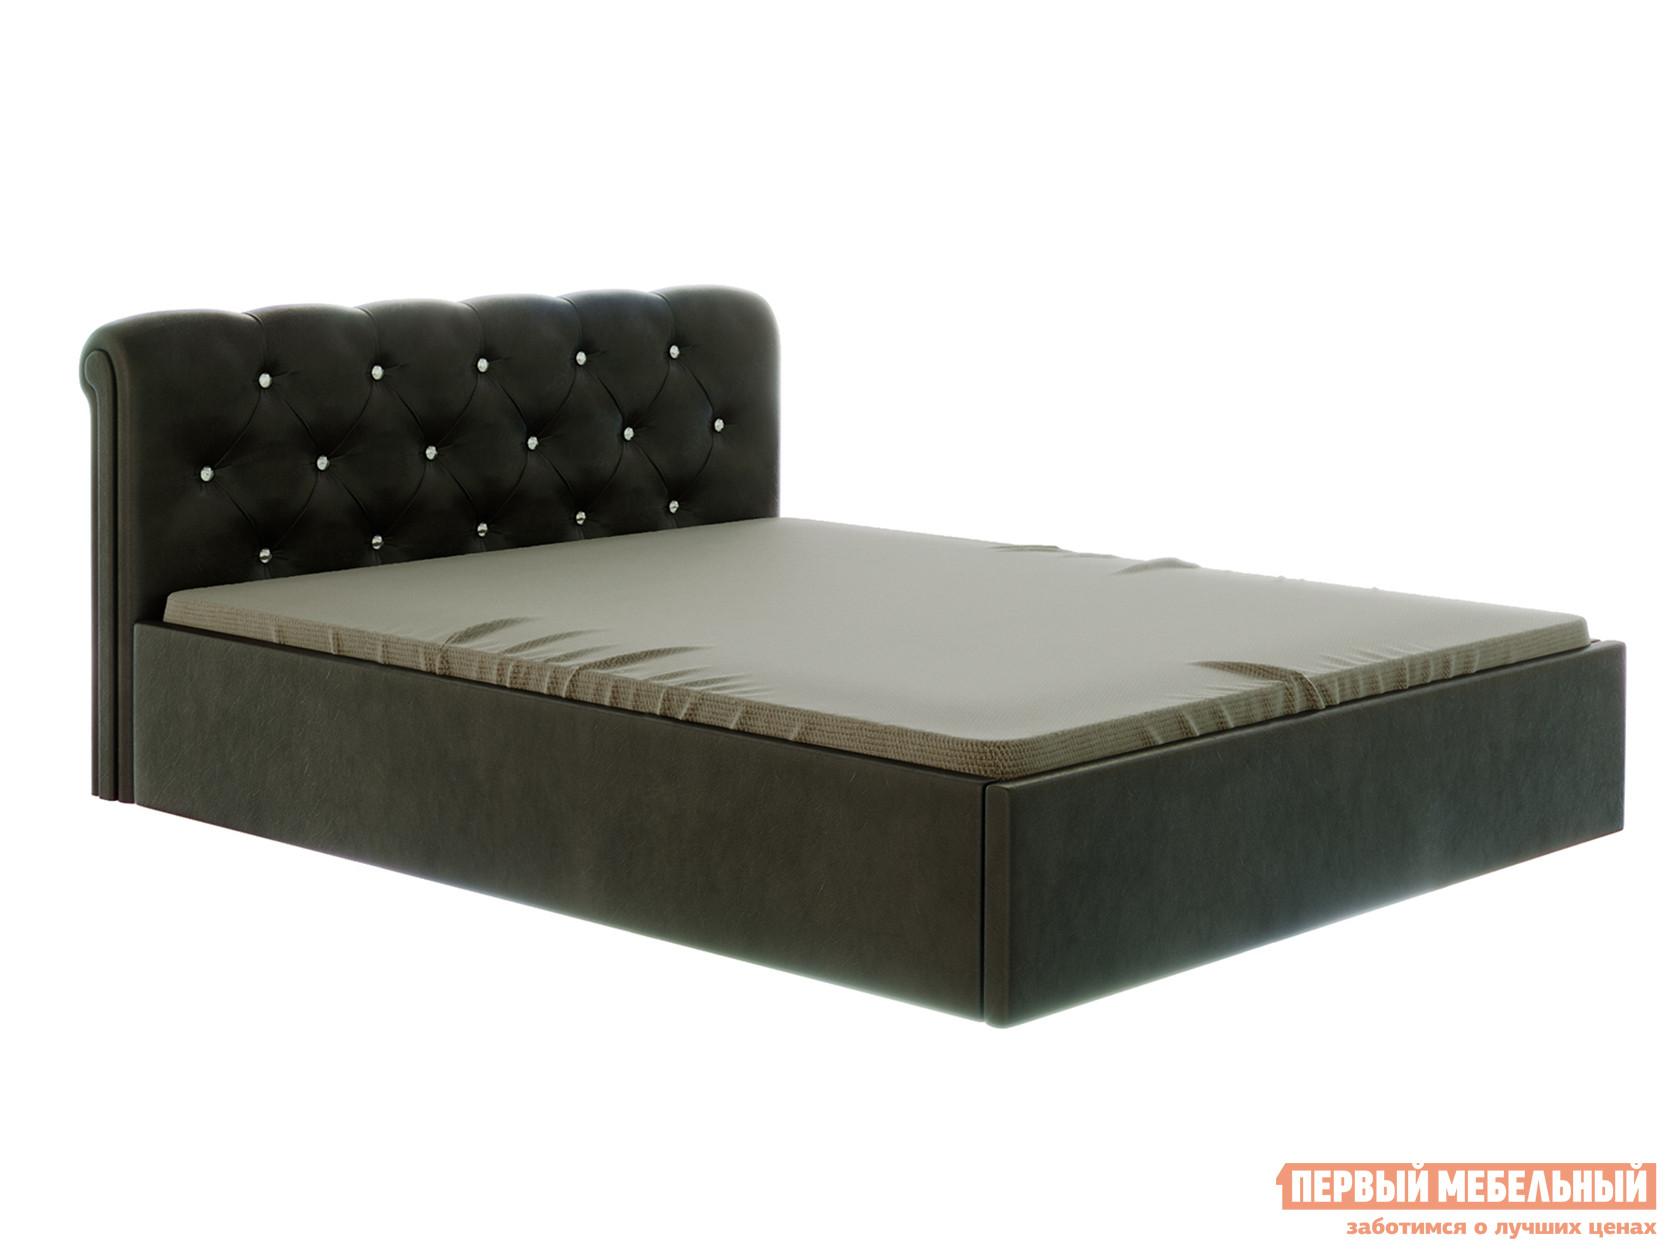 Двуспальная кровать ПМ: Первый Мебельный Сабрина Коричневый, 160х200